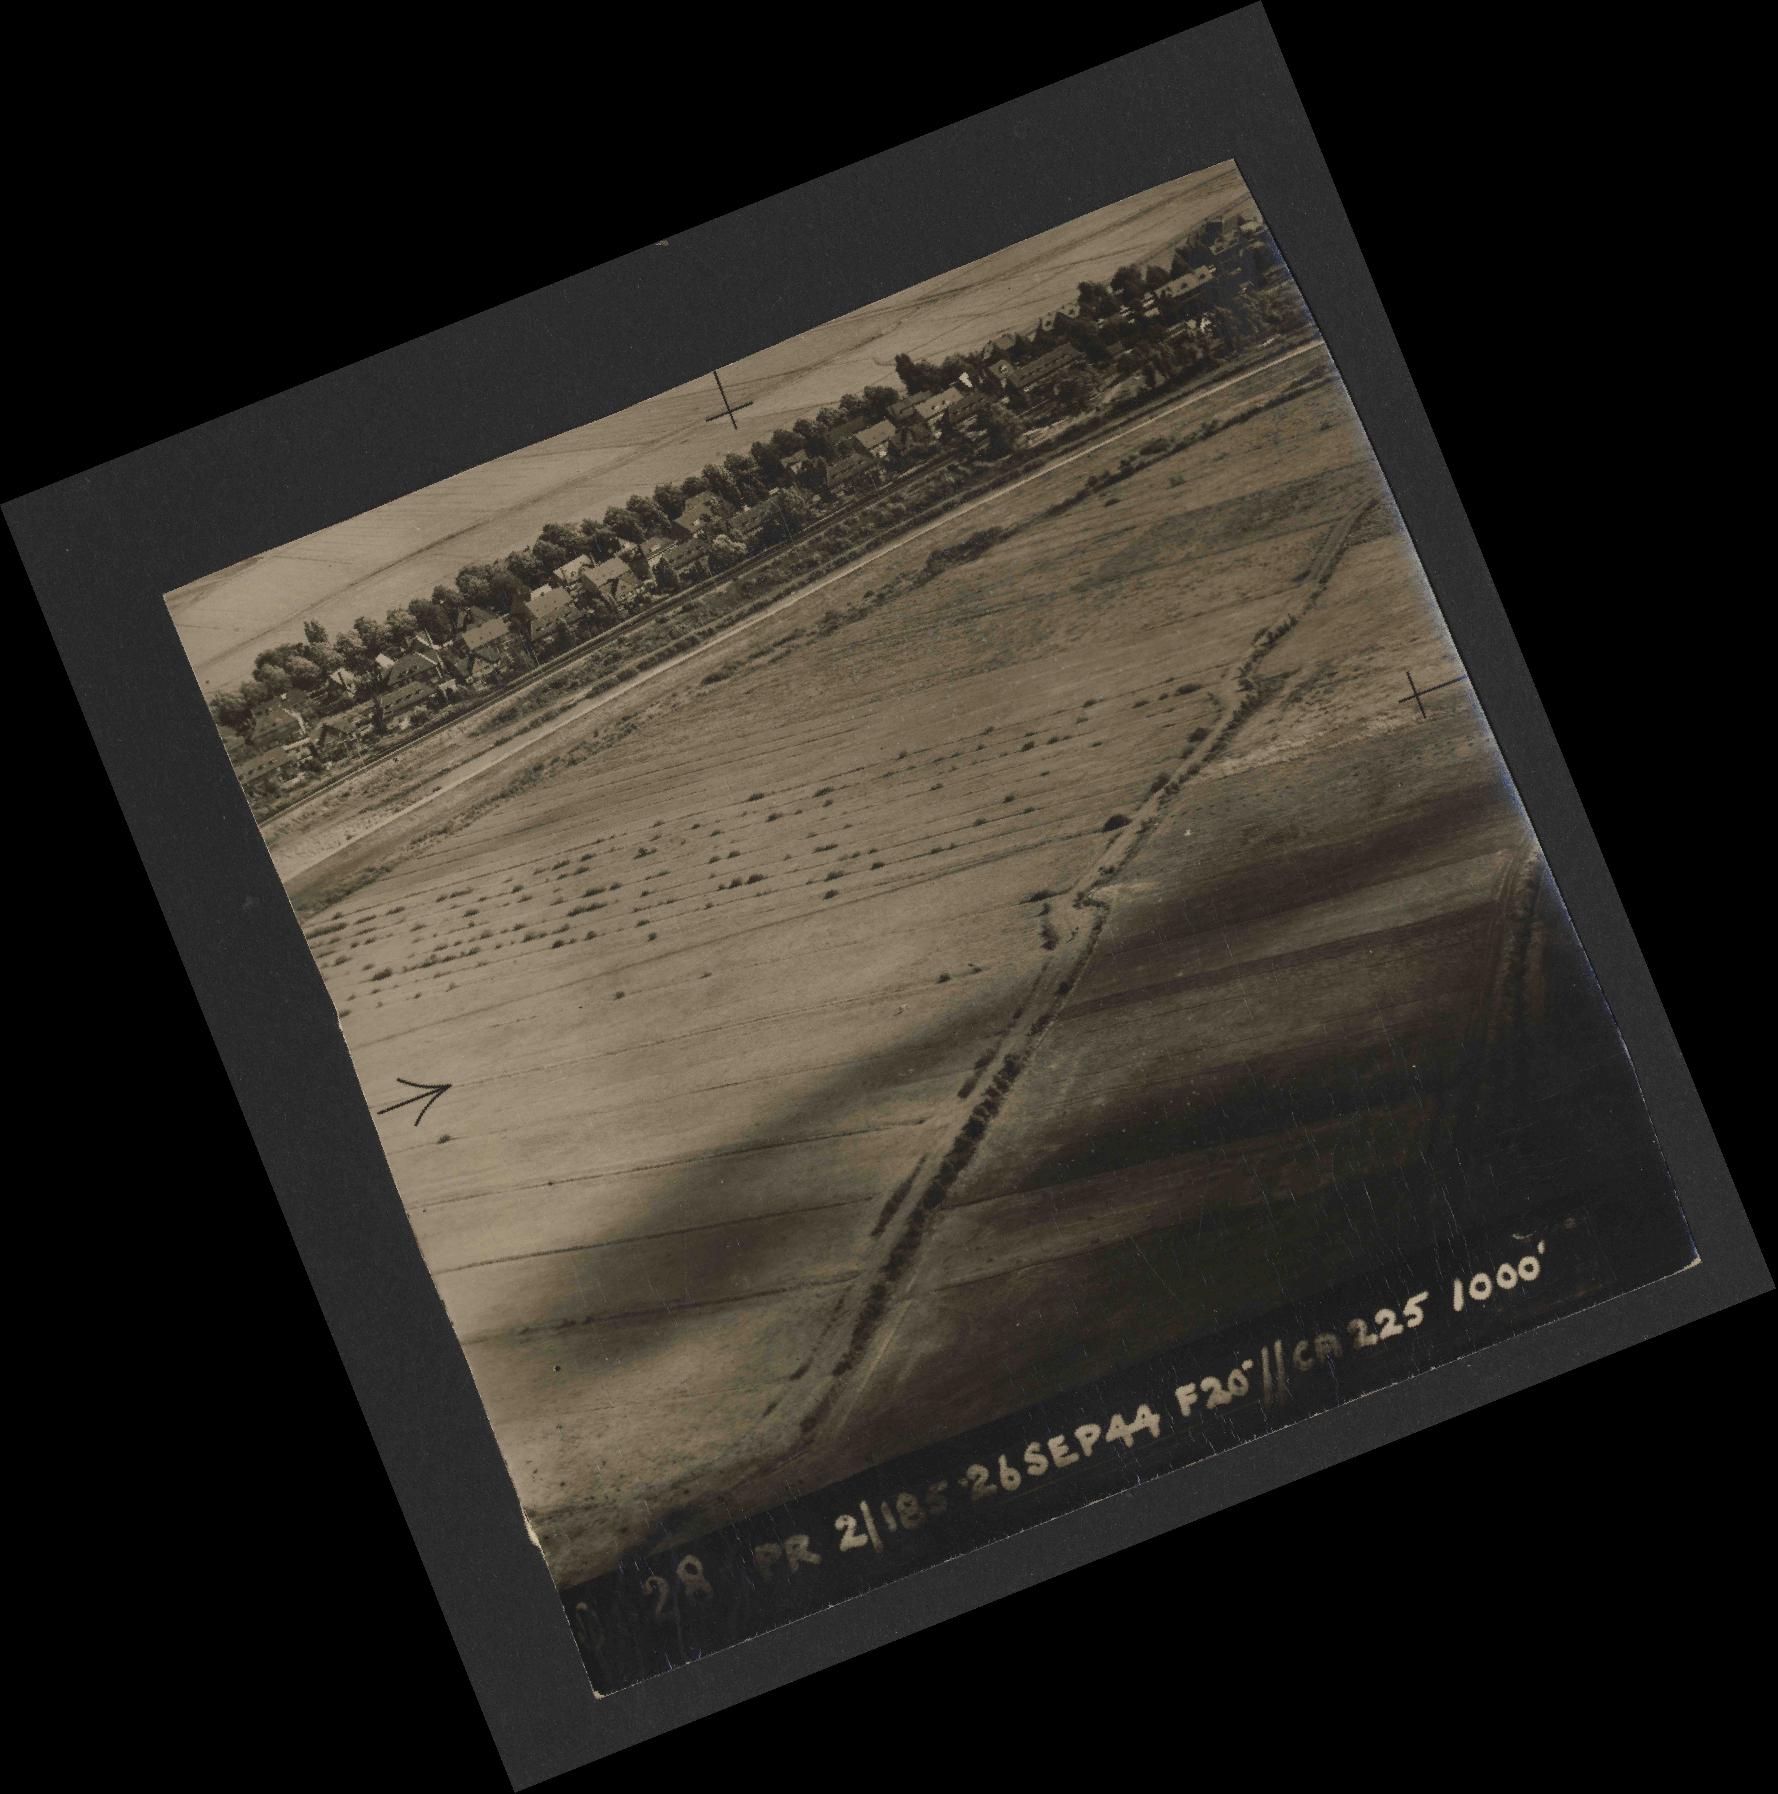 Collection RAF aerial photos 1940-1945 - flight 510, run 01, photo 0028